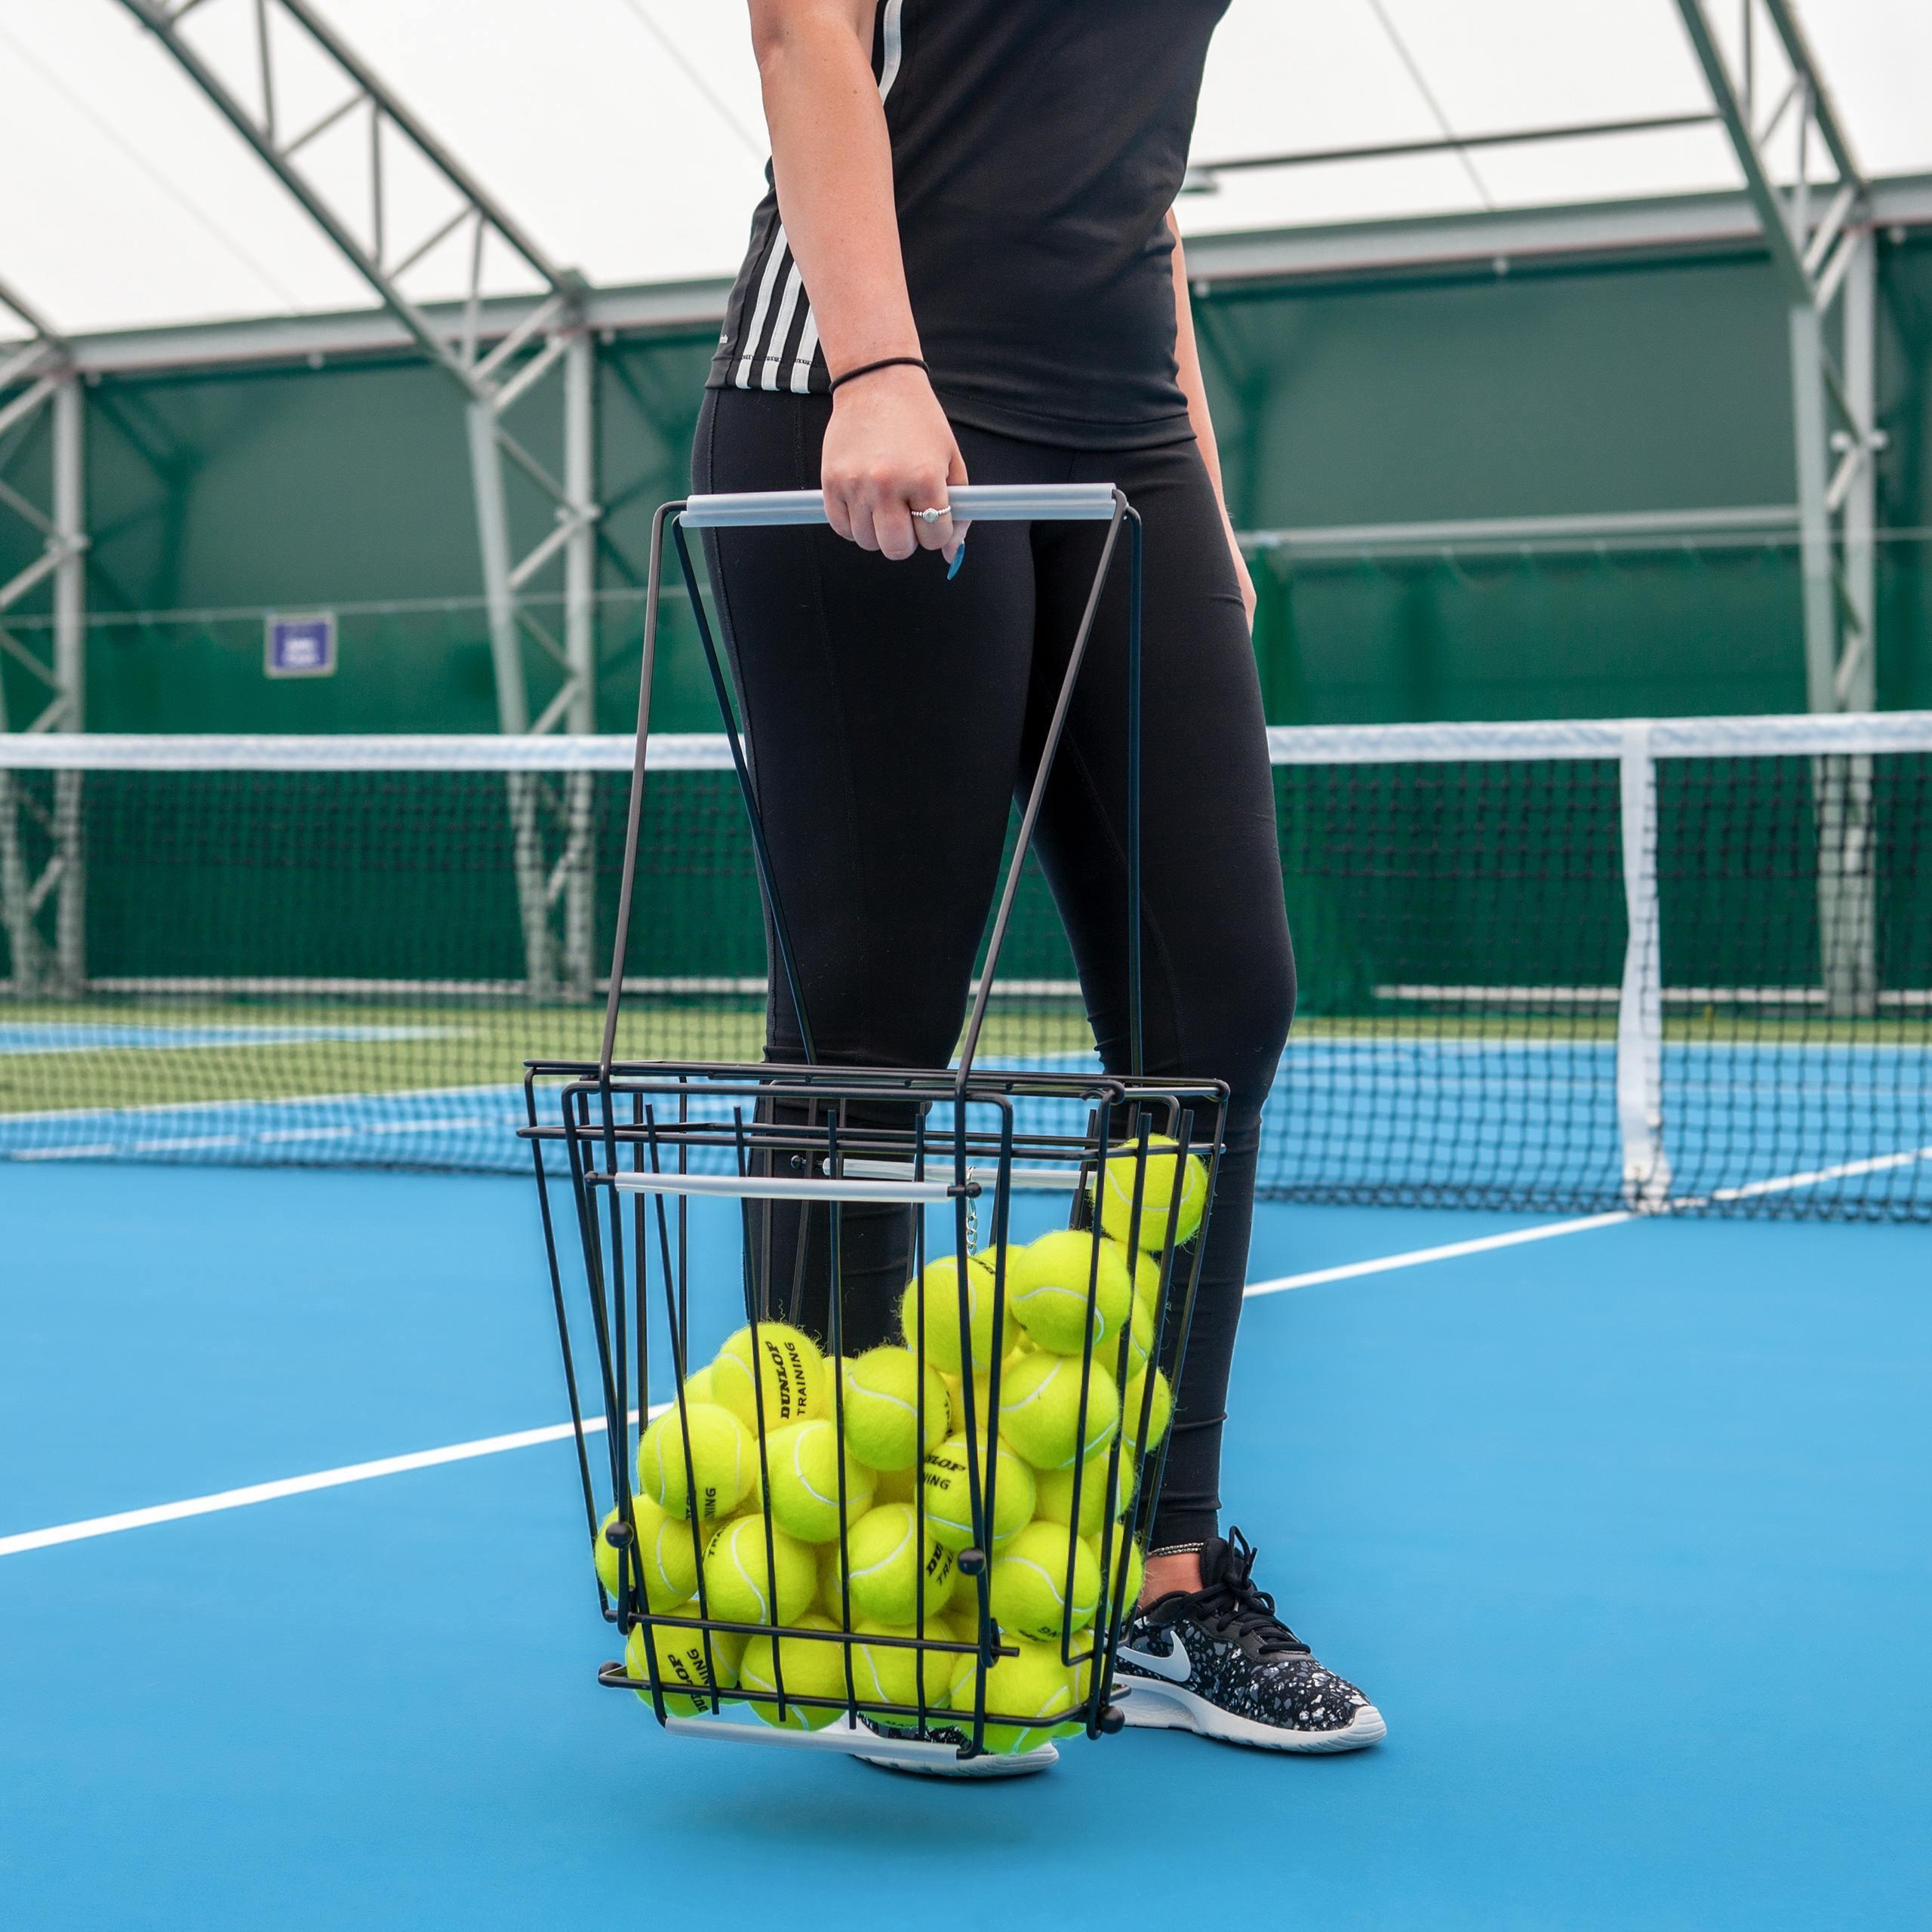 basket tennis